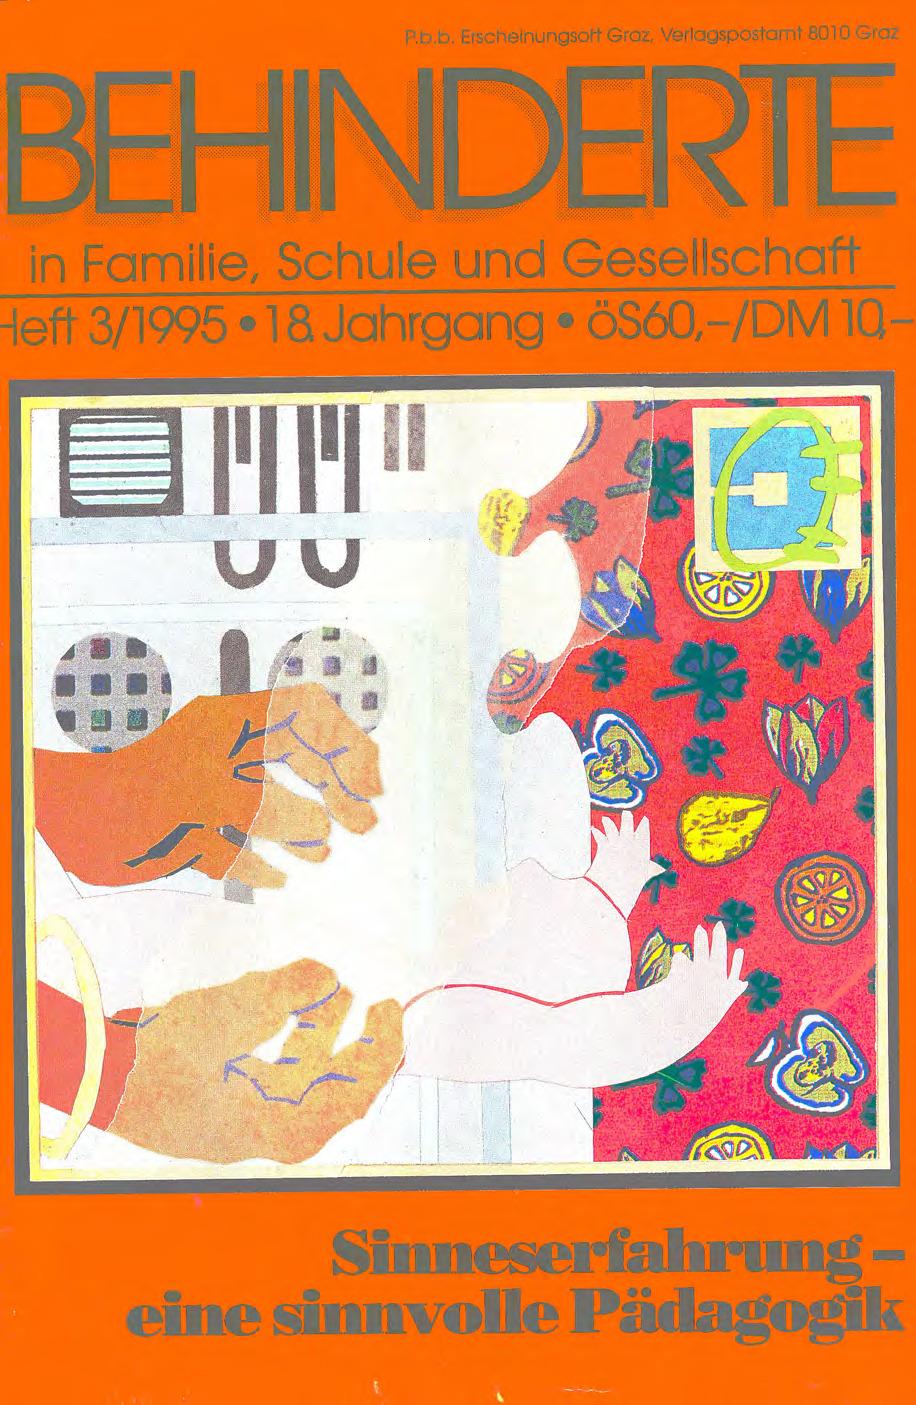 """Titelbild der Zeitschrift BEHINDERTE MENSCHEN, Ausgabe 3/1995 """"Sinneserfahrung – eine sinnvolle Pädagogik"""""""